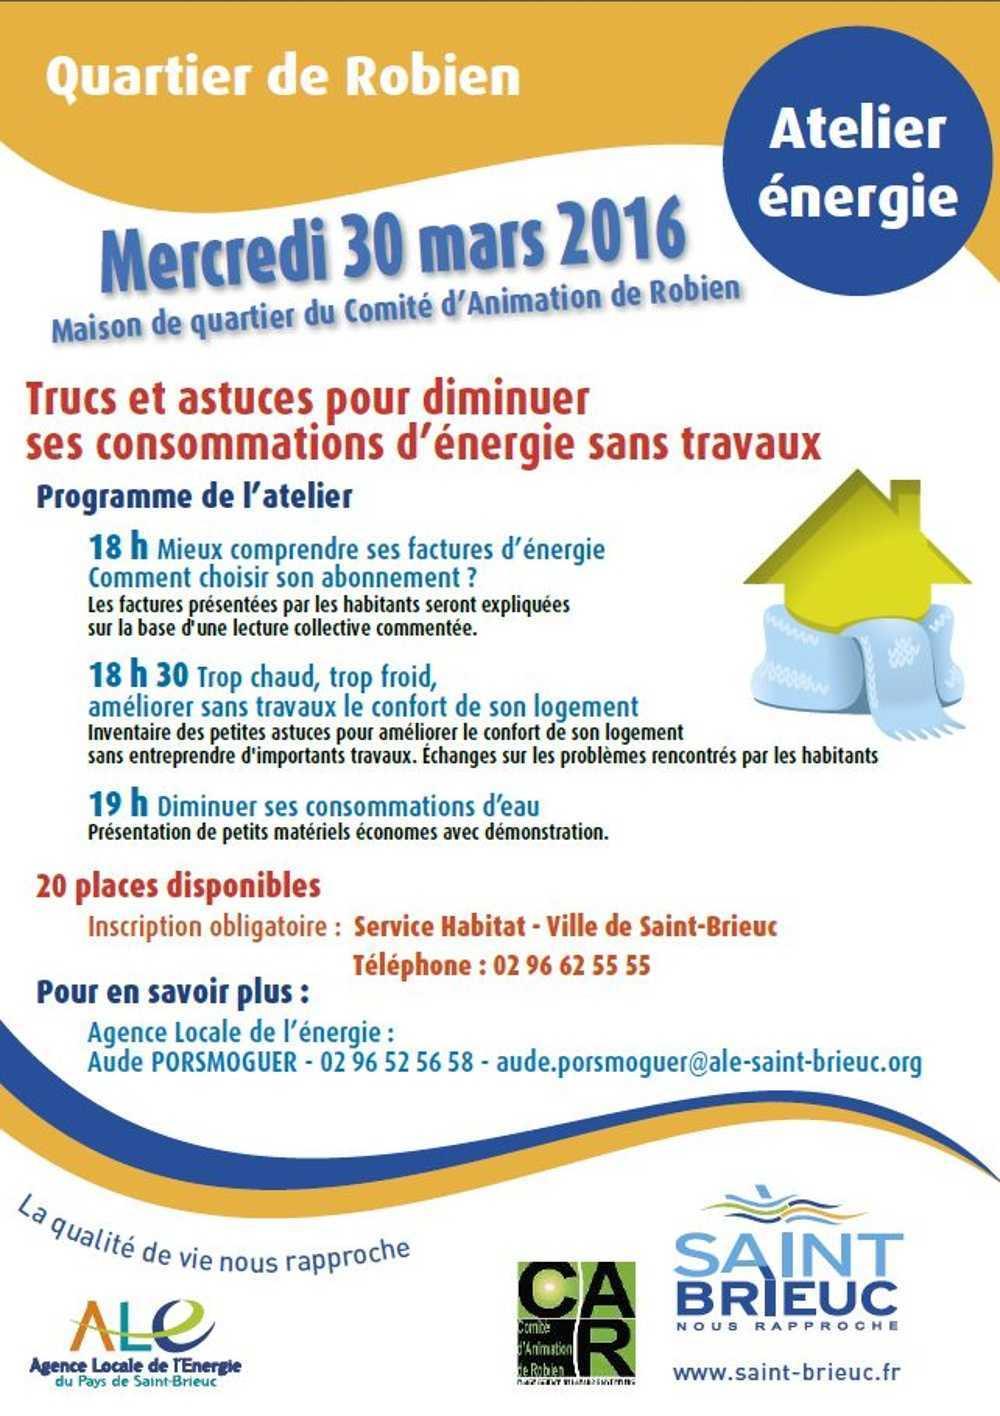 Premier atelier énergie le 30 mars 2016 0